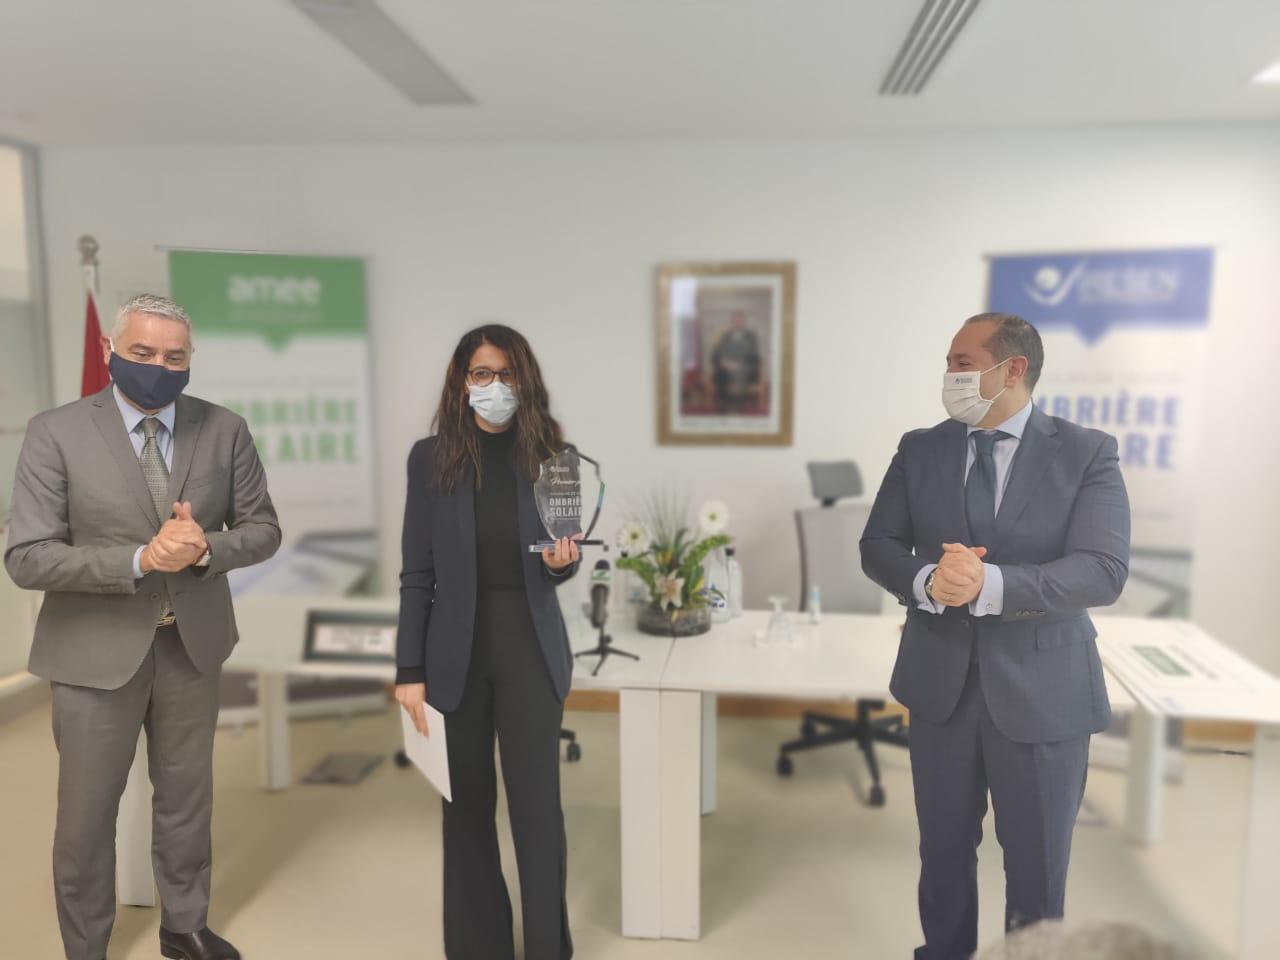 Mobilité durable: L'IRESEN et l'AMEE décernent les prix du concours de design d'ombrières solaires